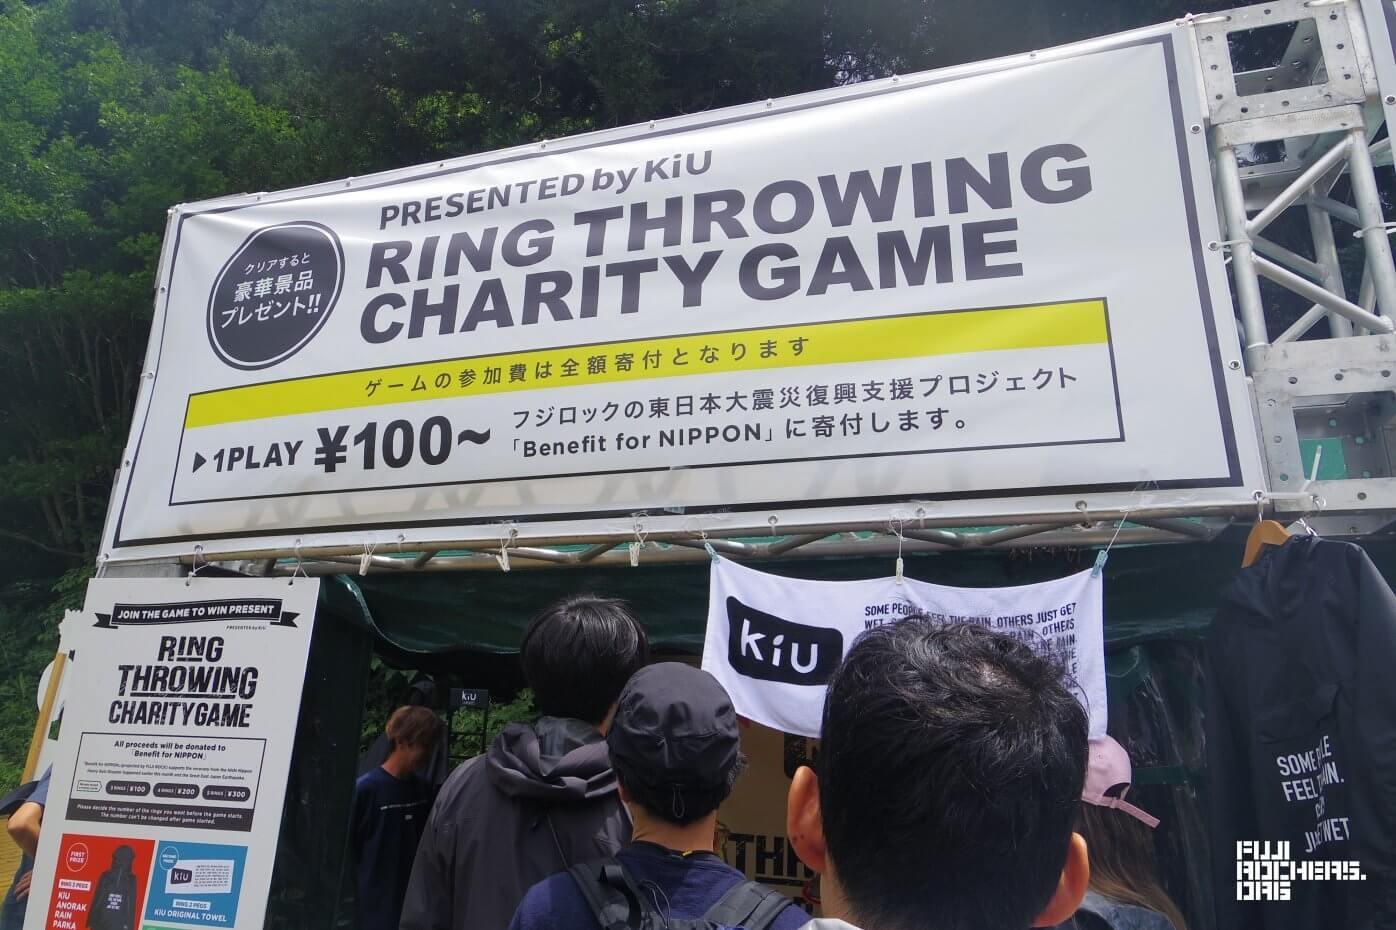 ゲームの参加費は全額寄付!【KiU】